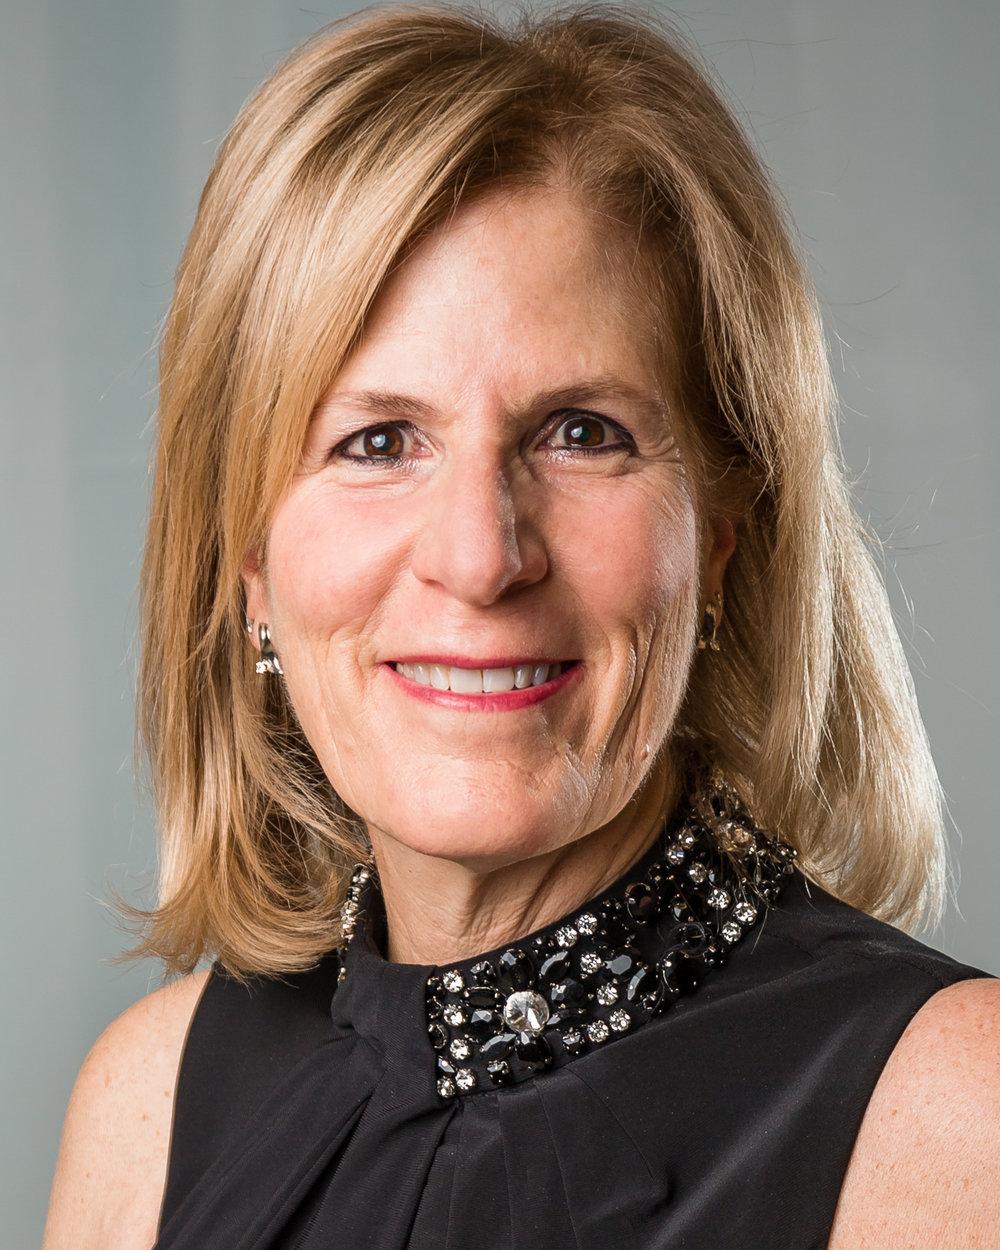 Communications Officer - Lori Longo